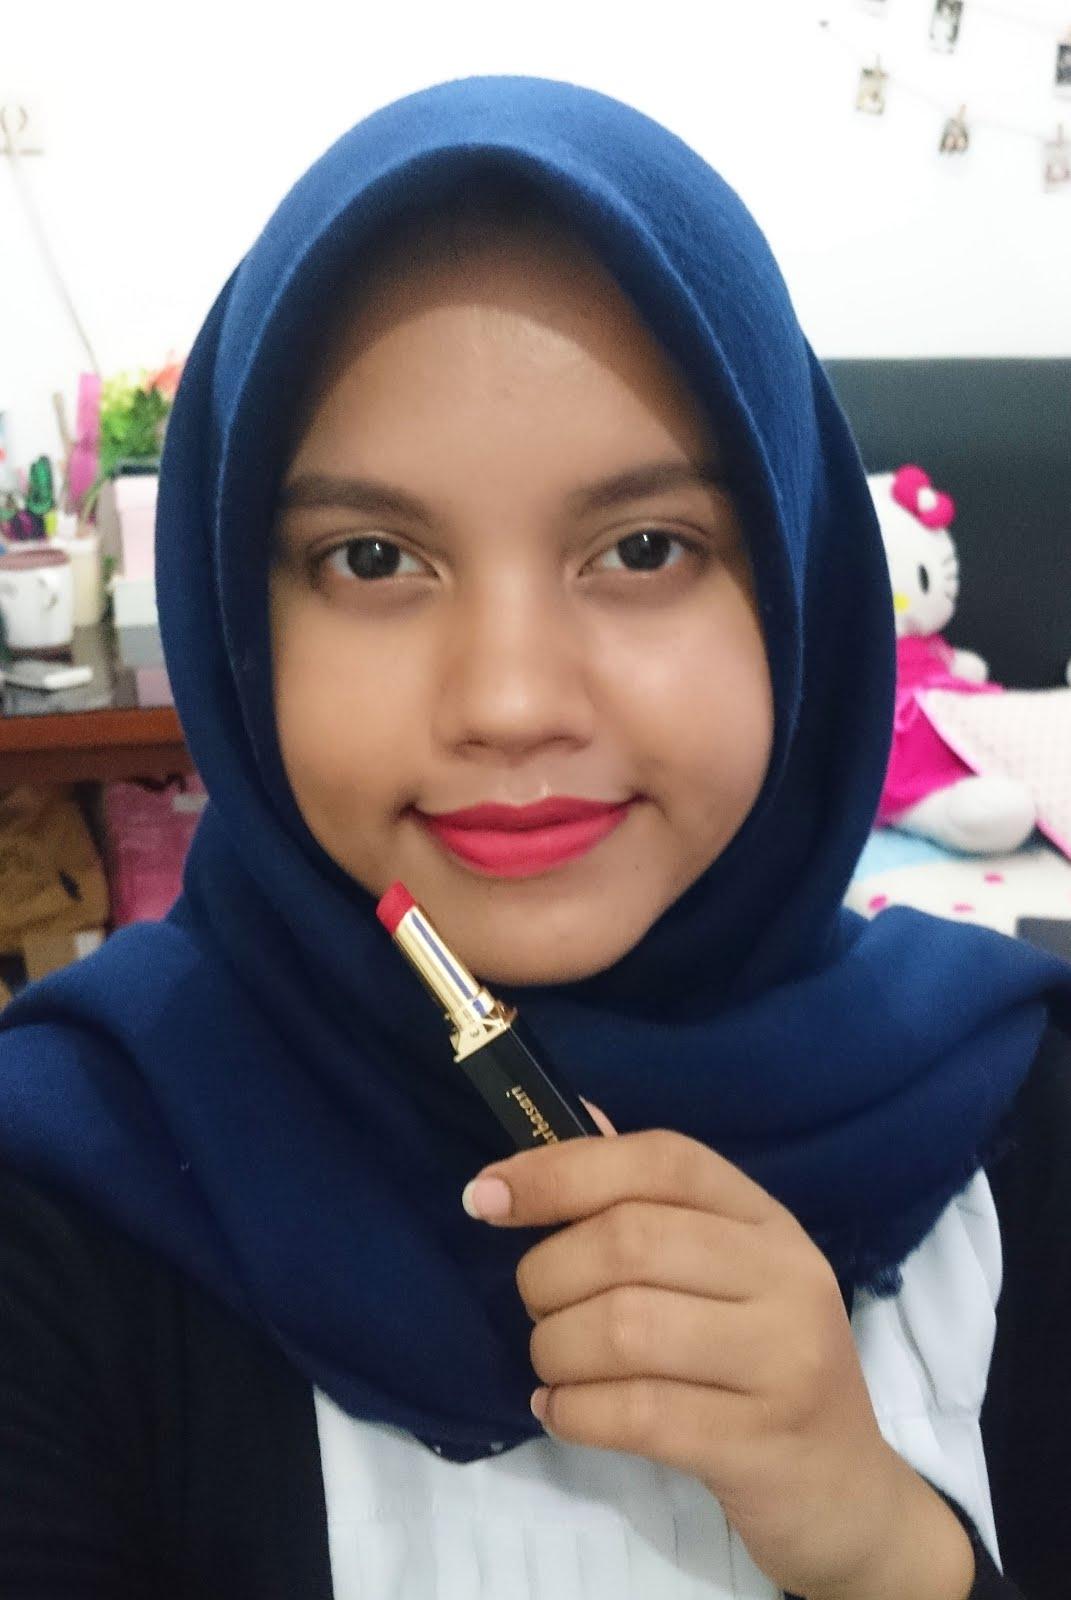 Makeup Review Purbasari Lipstick Color Matte 81 83 86 88 89 Lipstik Paling  Original Ini Warnanya Orange Dengan Hint Merah Satu Satunya Warna Di Seri Saat Diaplikasikan Langsung Semua Terang